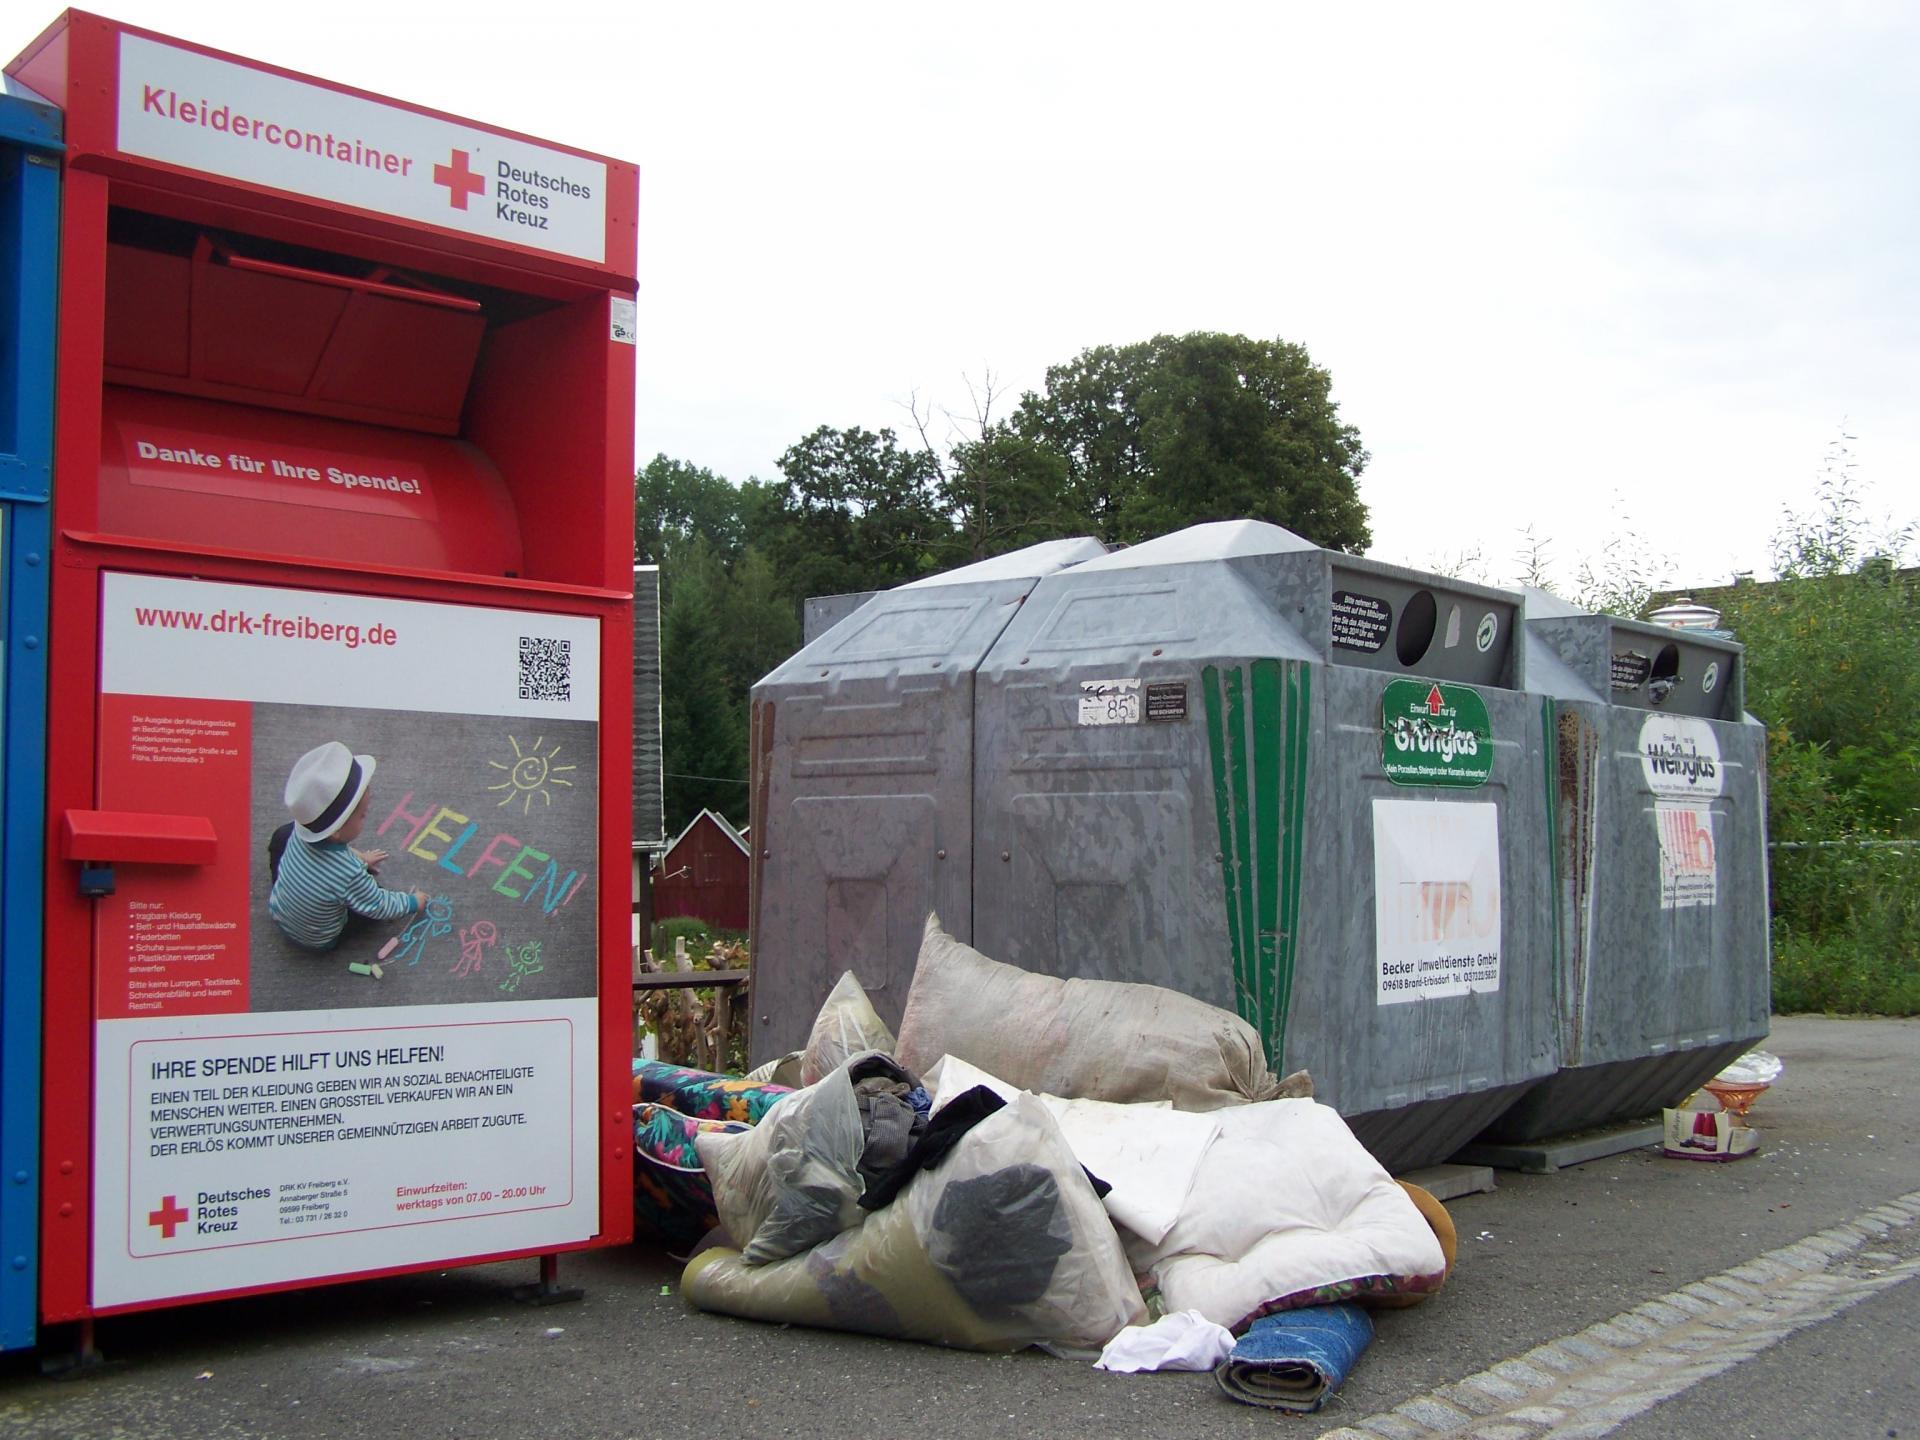 verbotene Müllablage an Glas- und Kleider-Containern